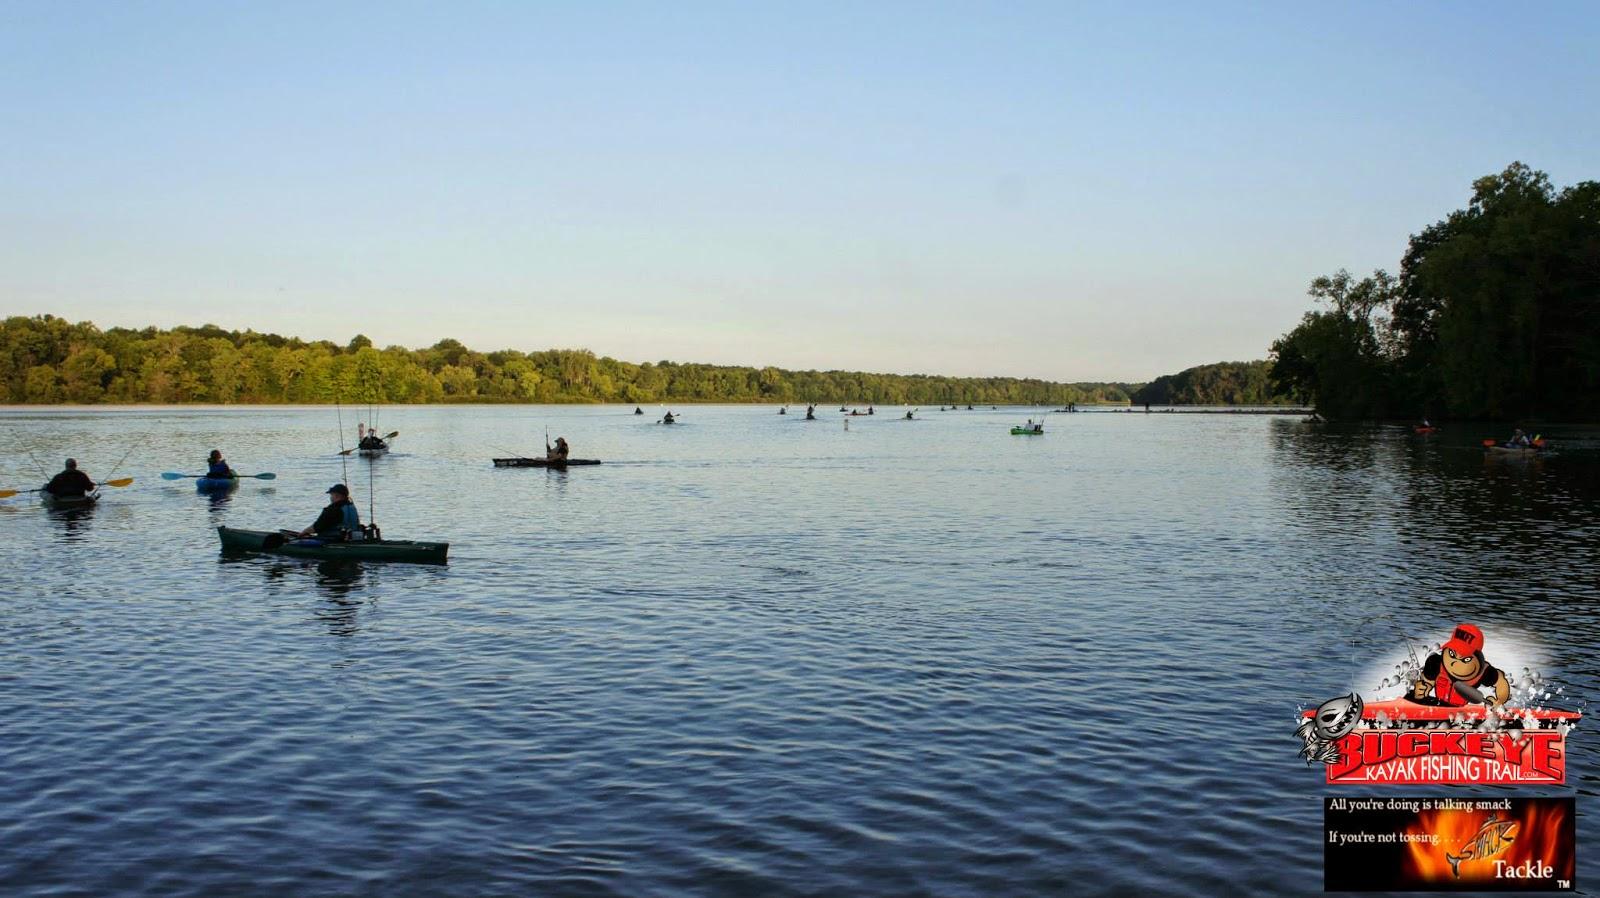 Kfa kayak angler chronicles buckeye kayak fishing trail 39 s for Buckeye lake fishing